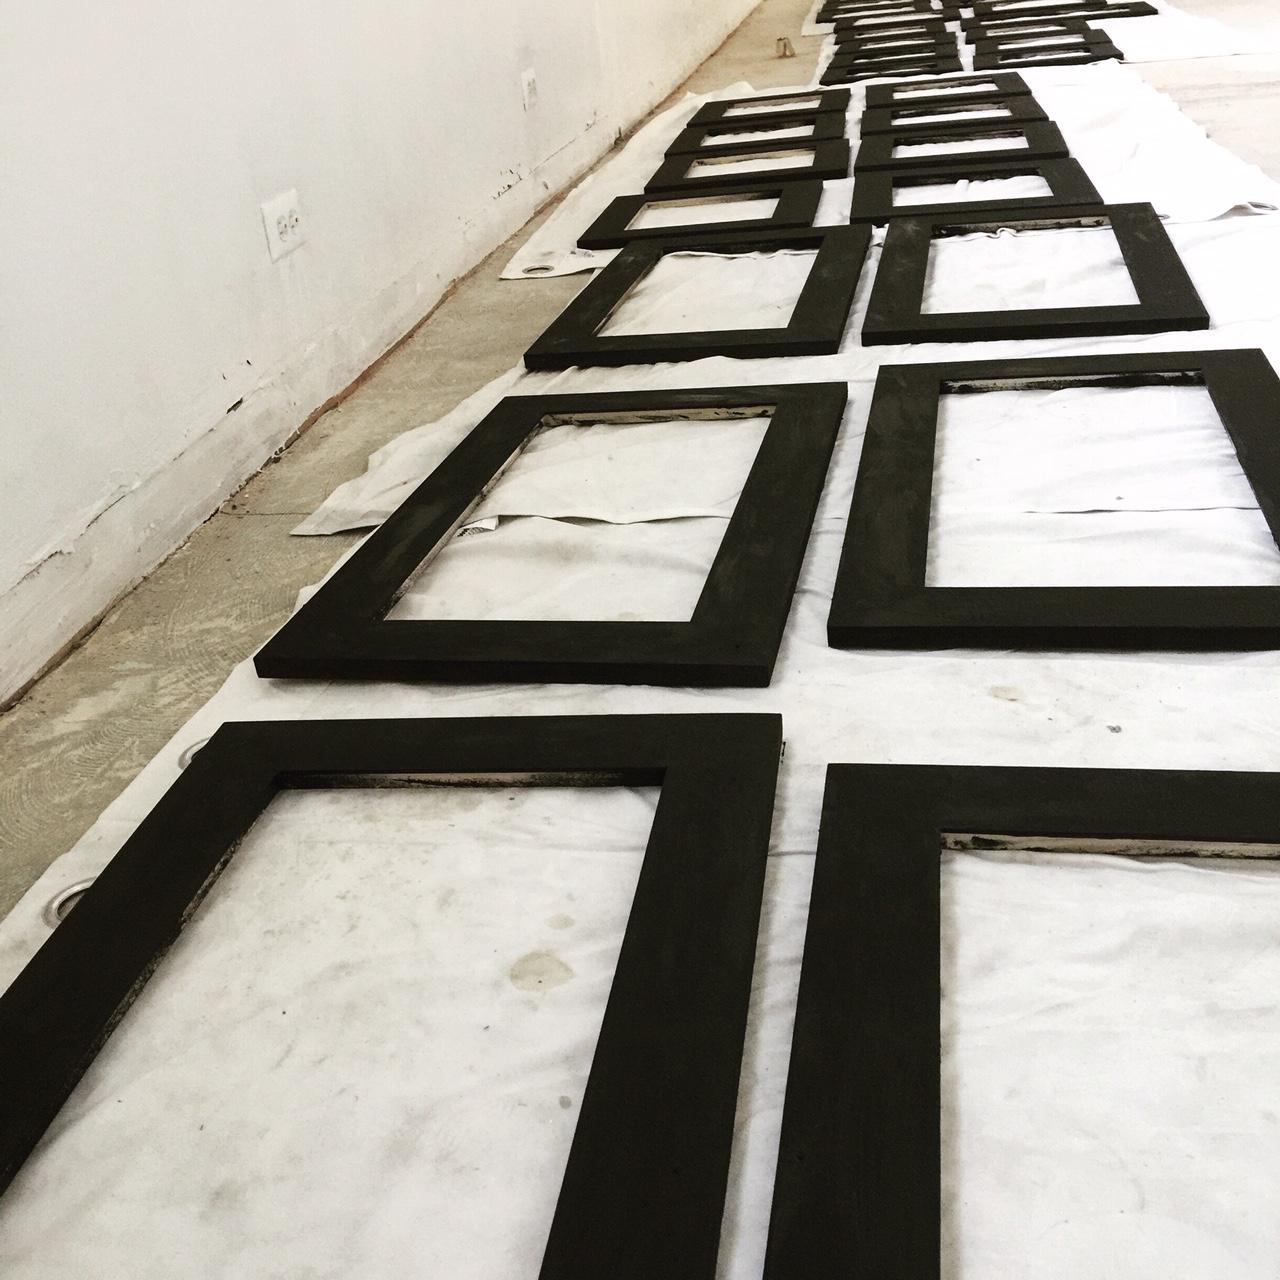 Shar-Coulson-studio-frames.JPG